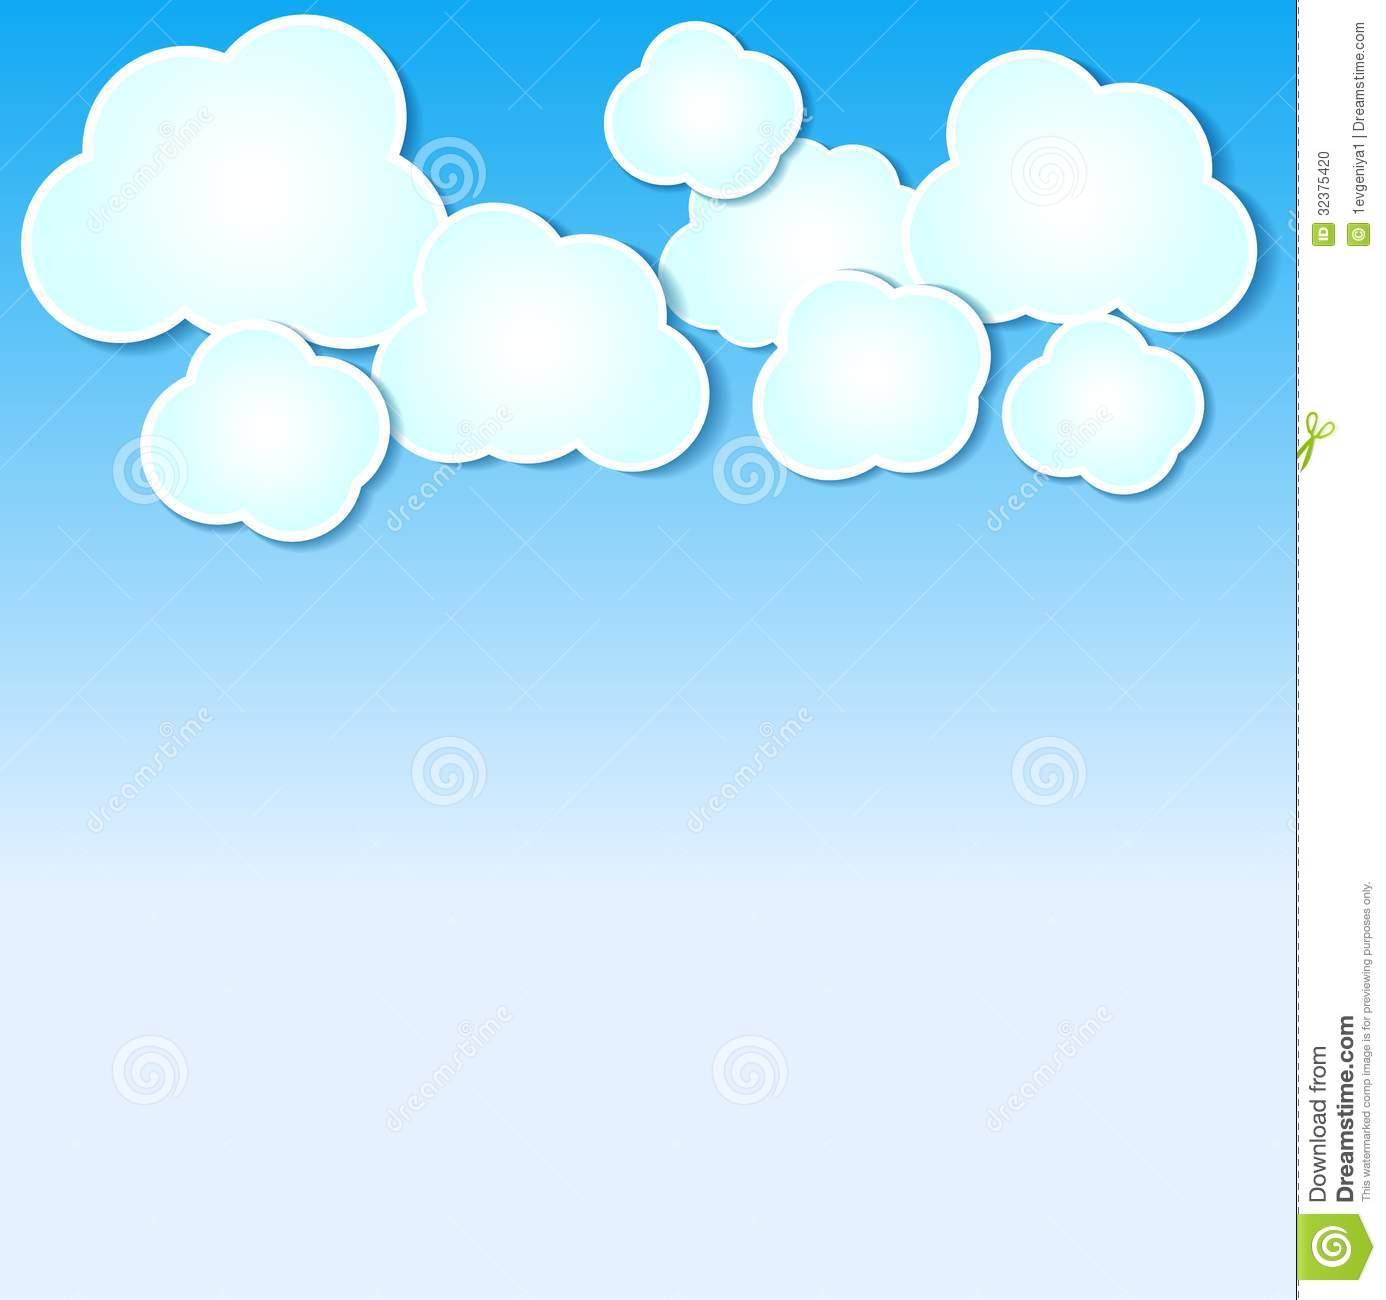 cloud wallpaper clip art - photo #22